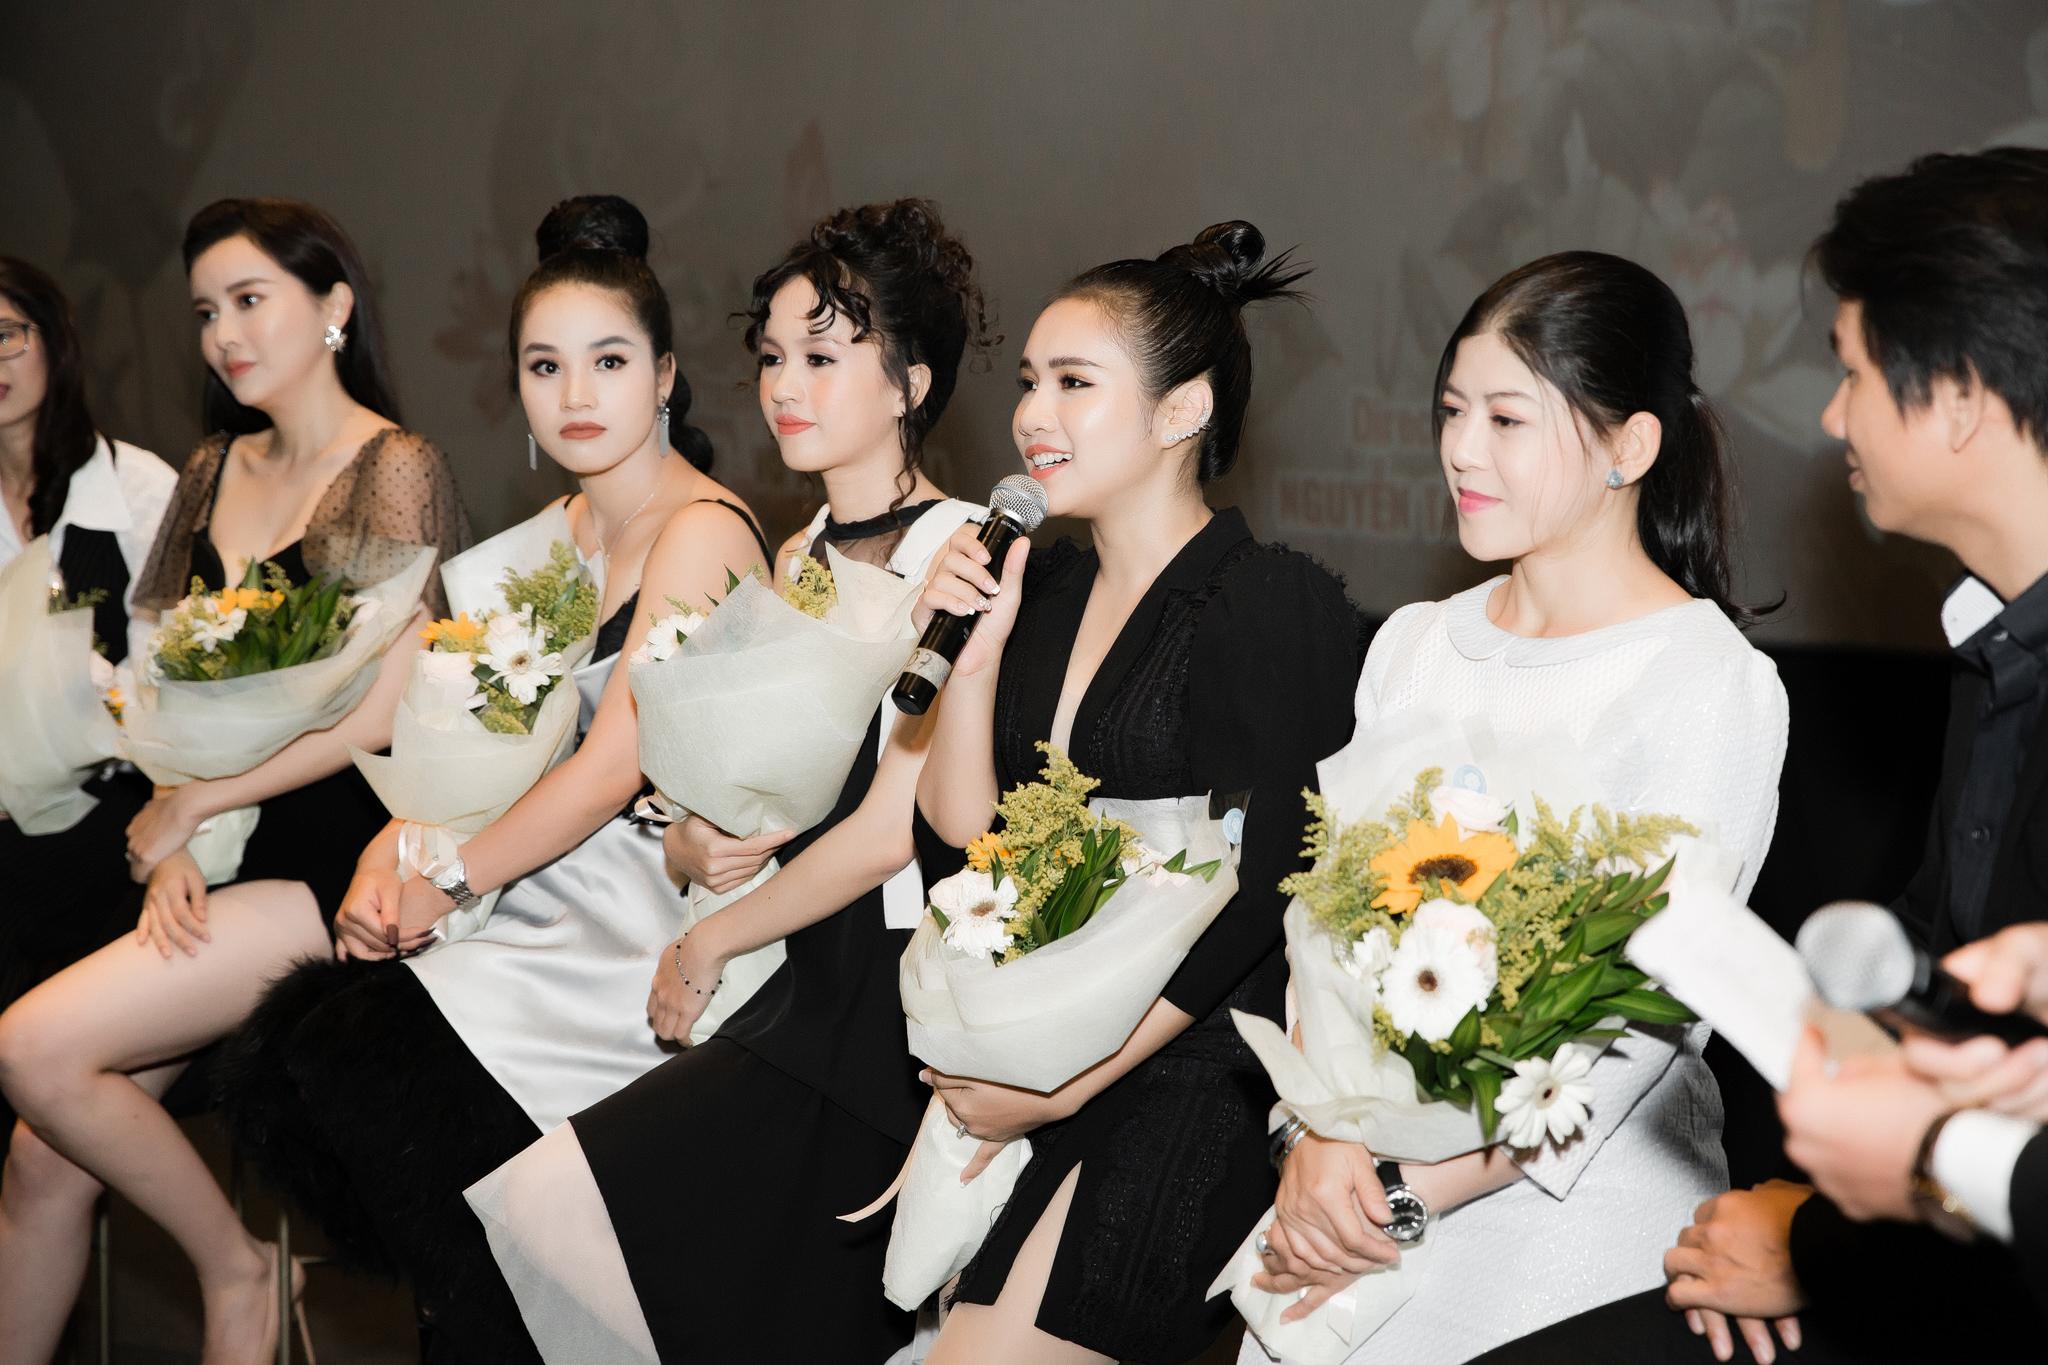 Diên Hi Công Lược phiên bản Việt Nam chính thức ra mắt khán giả với dàn diễn viên mỹ nhân đình đám